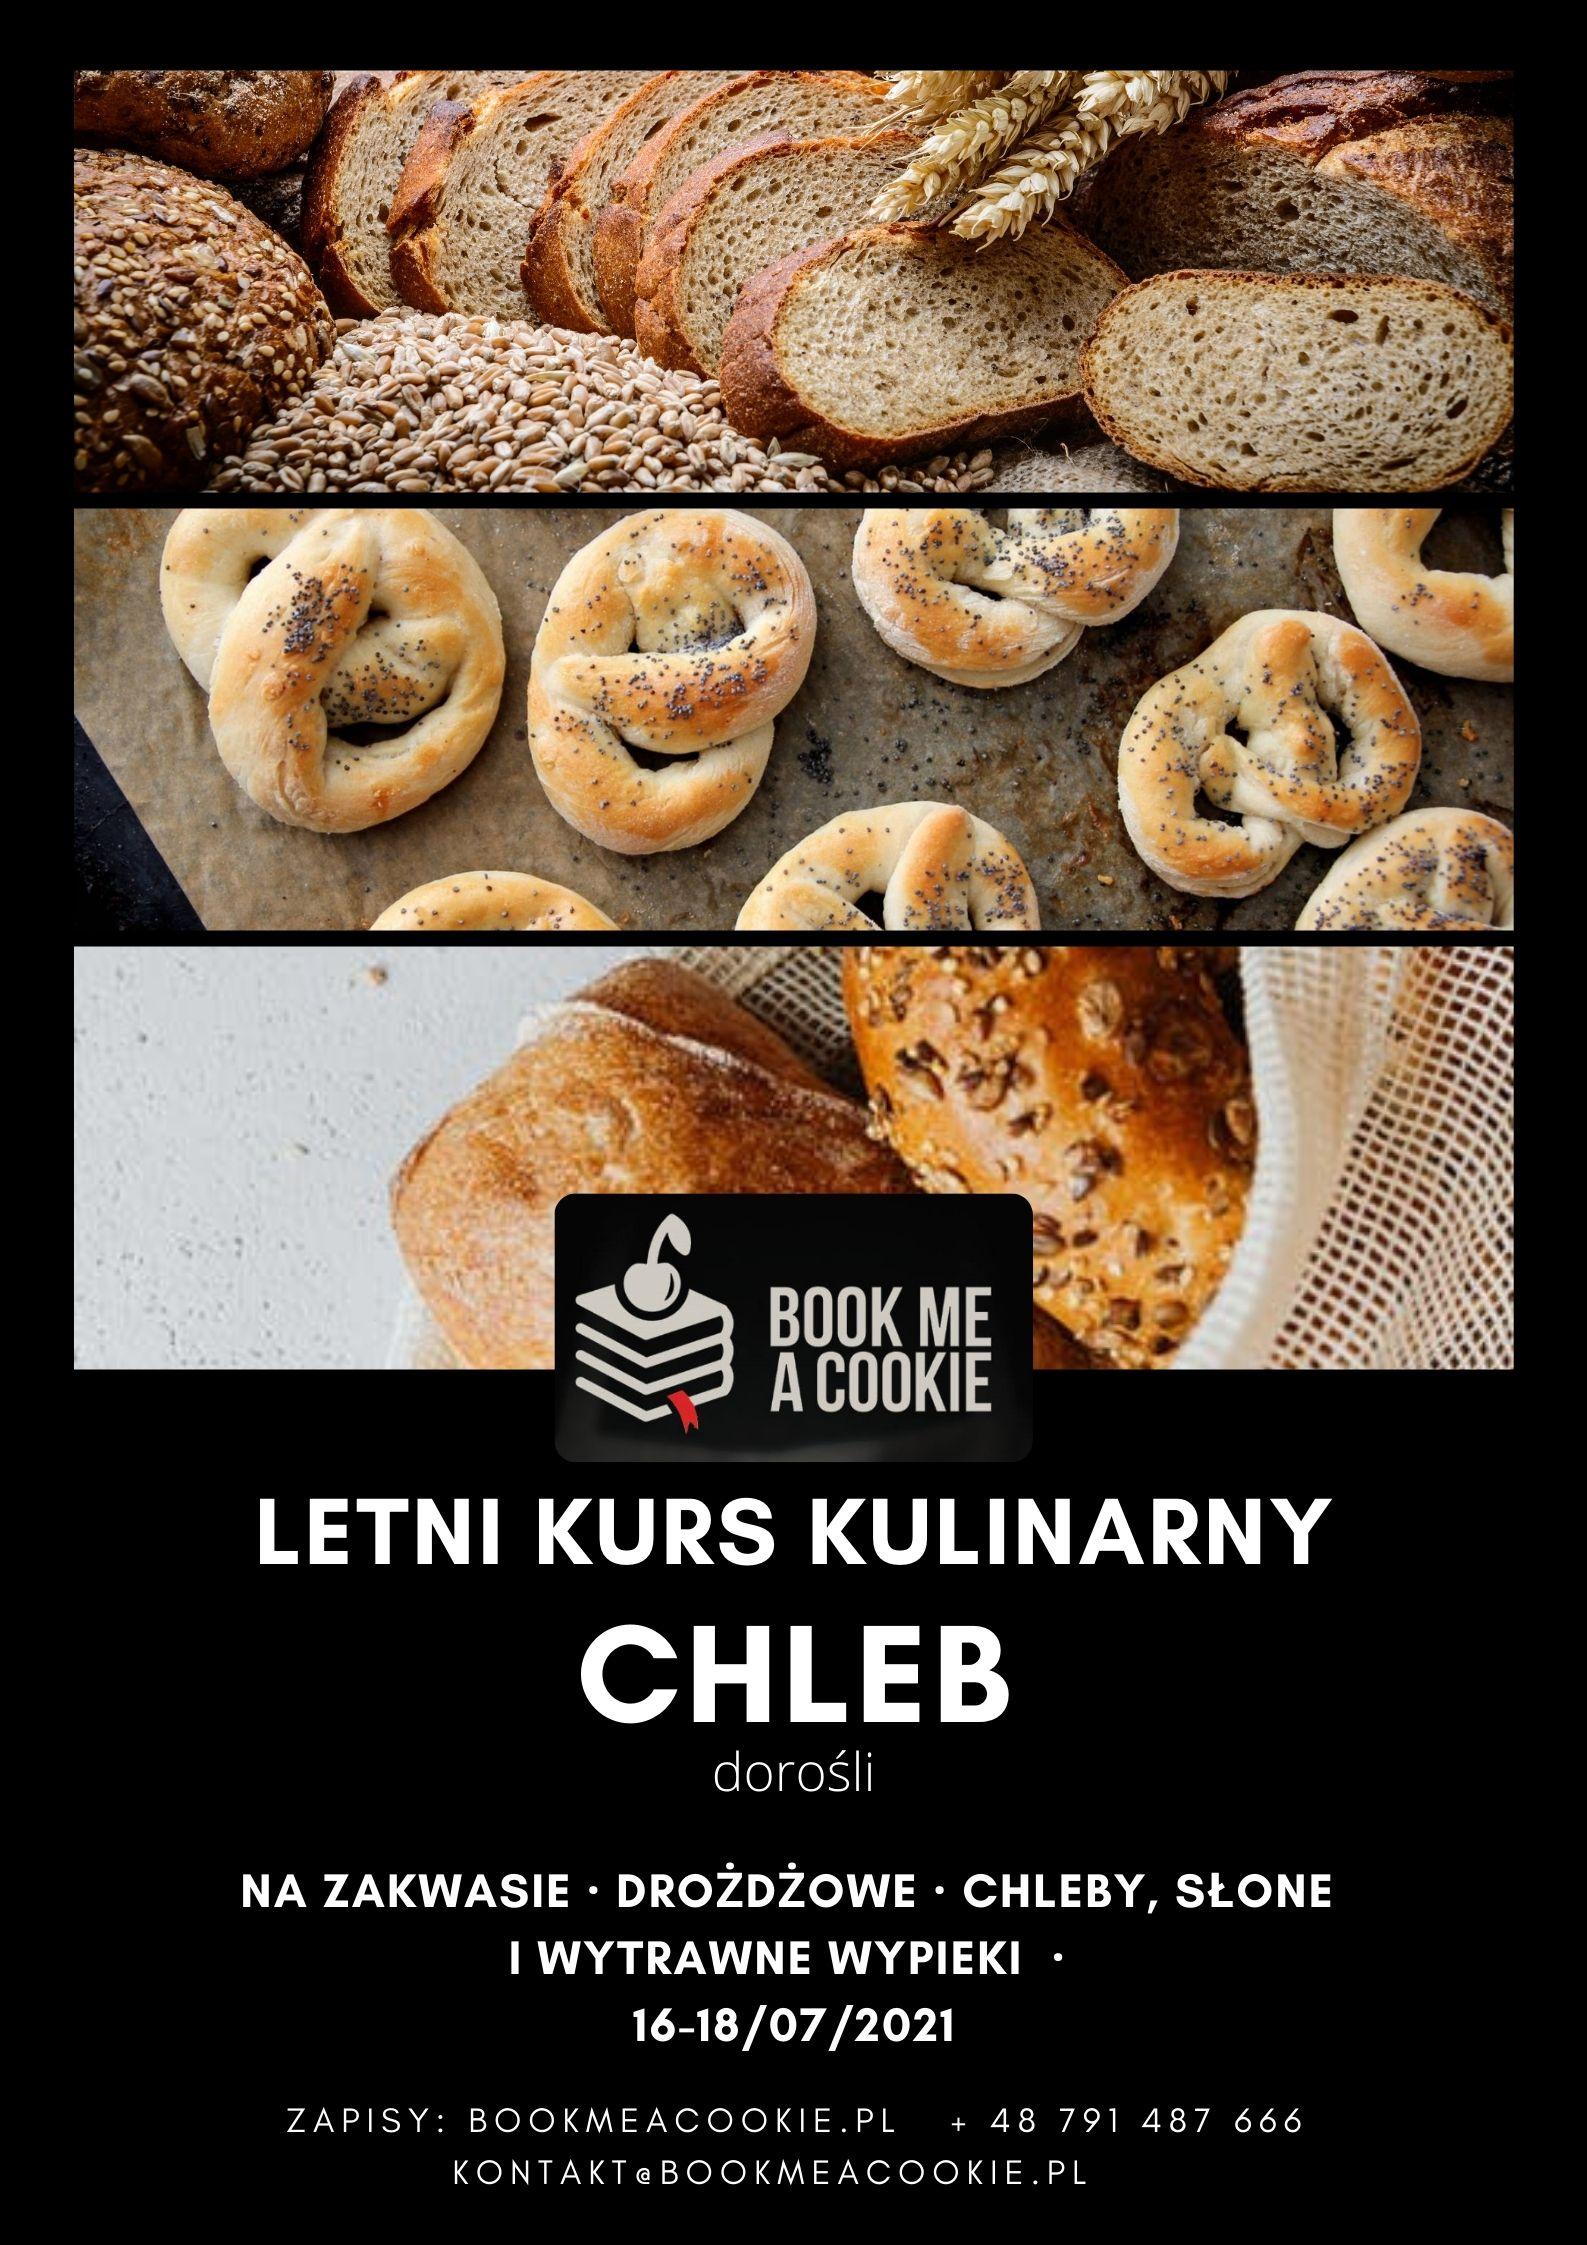 kurs kulinarny warsztaty kulinarne book me a cookie chleb (1)